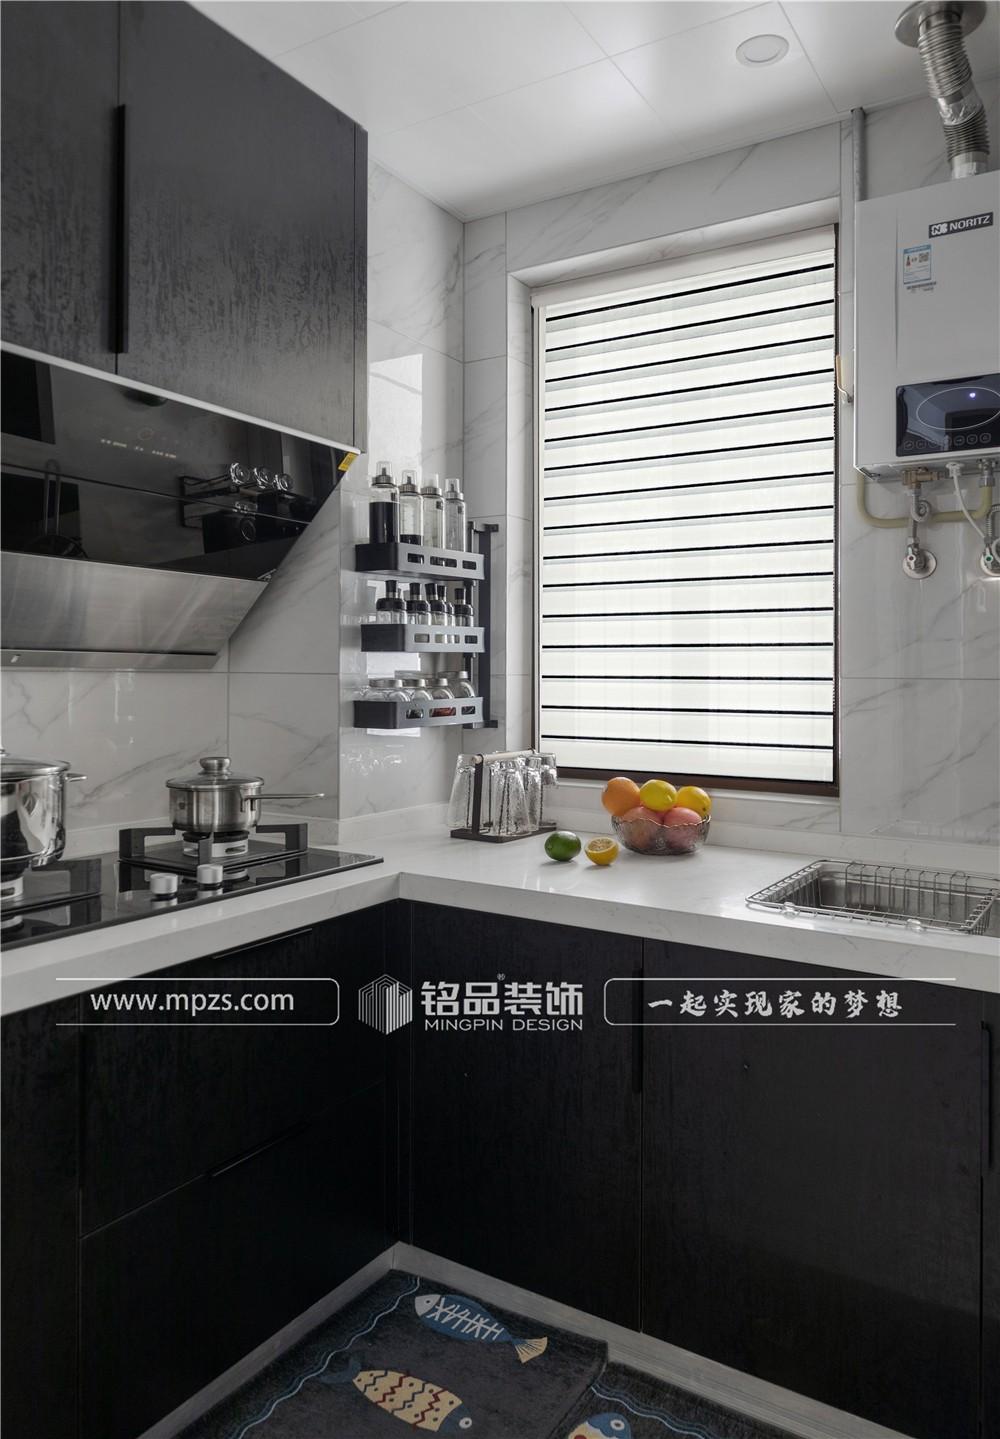 杭州89平方米现代极简风格老房改造装修案例_效果图